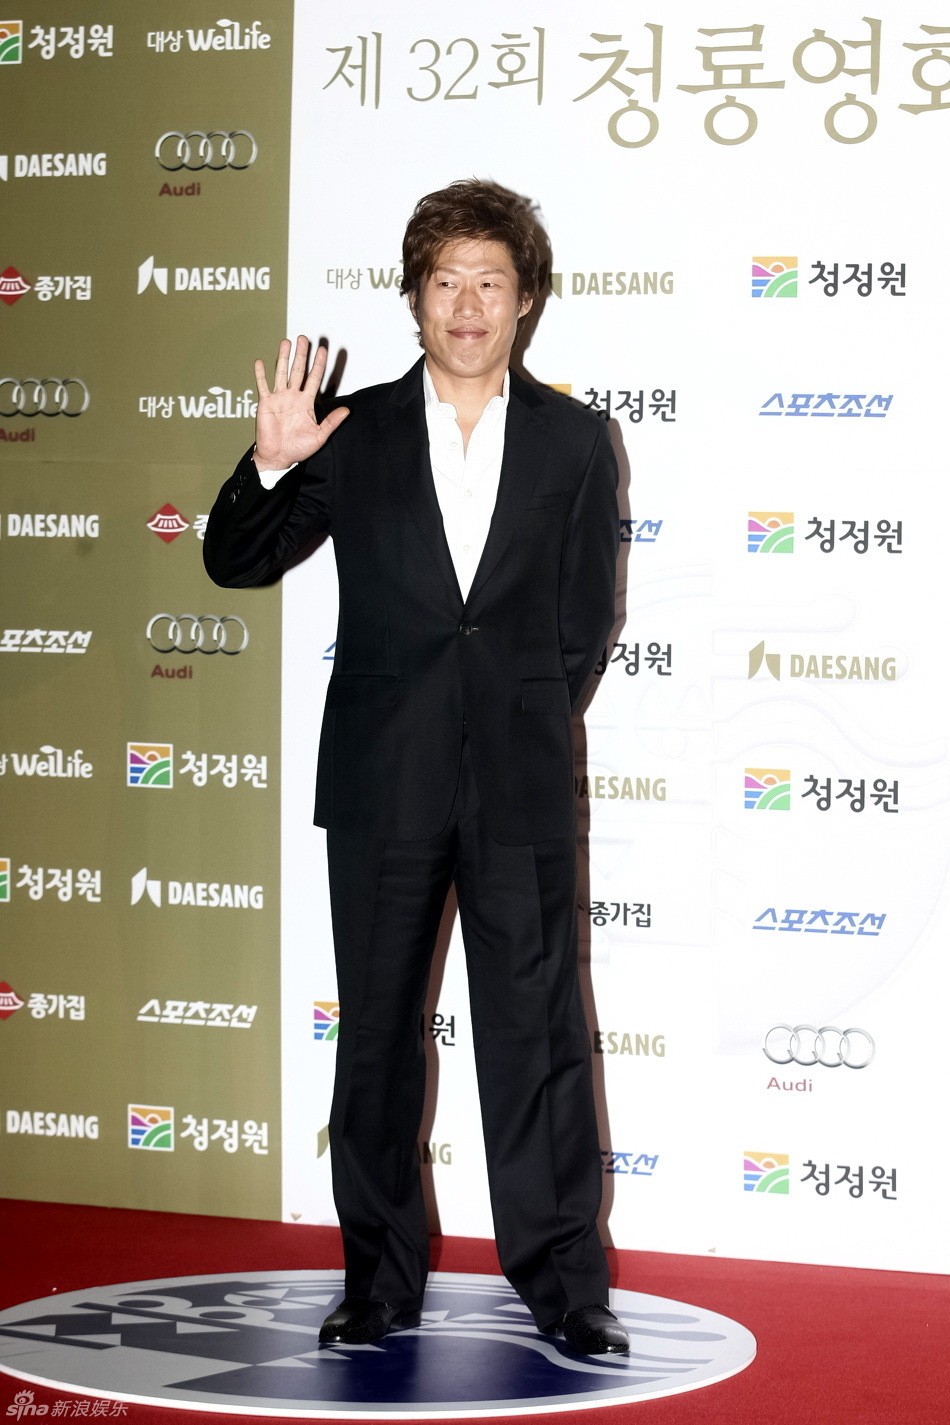 5日,第32届韩国青龙电影奖颁奖典礼在首尔举行.金慧秀、李范秀